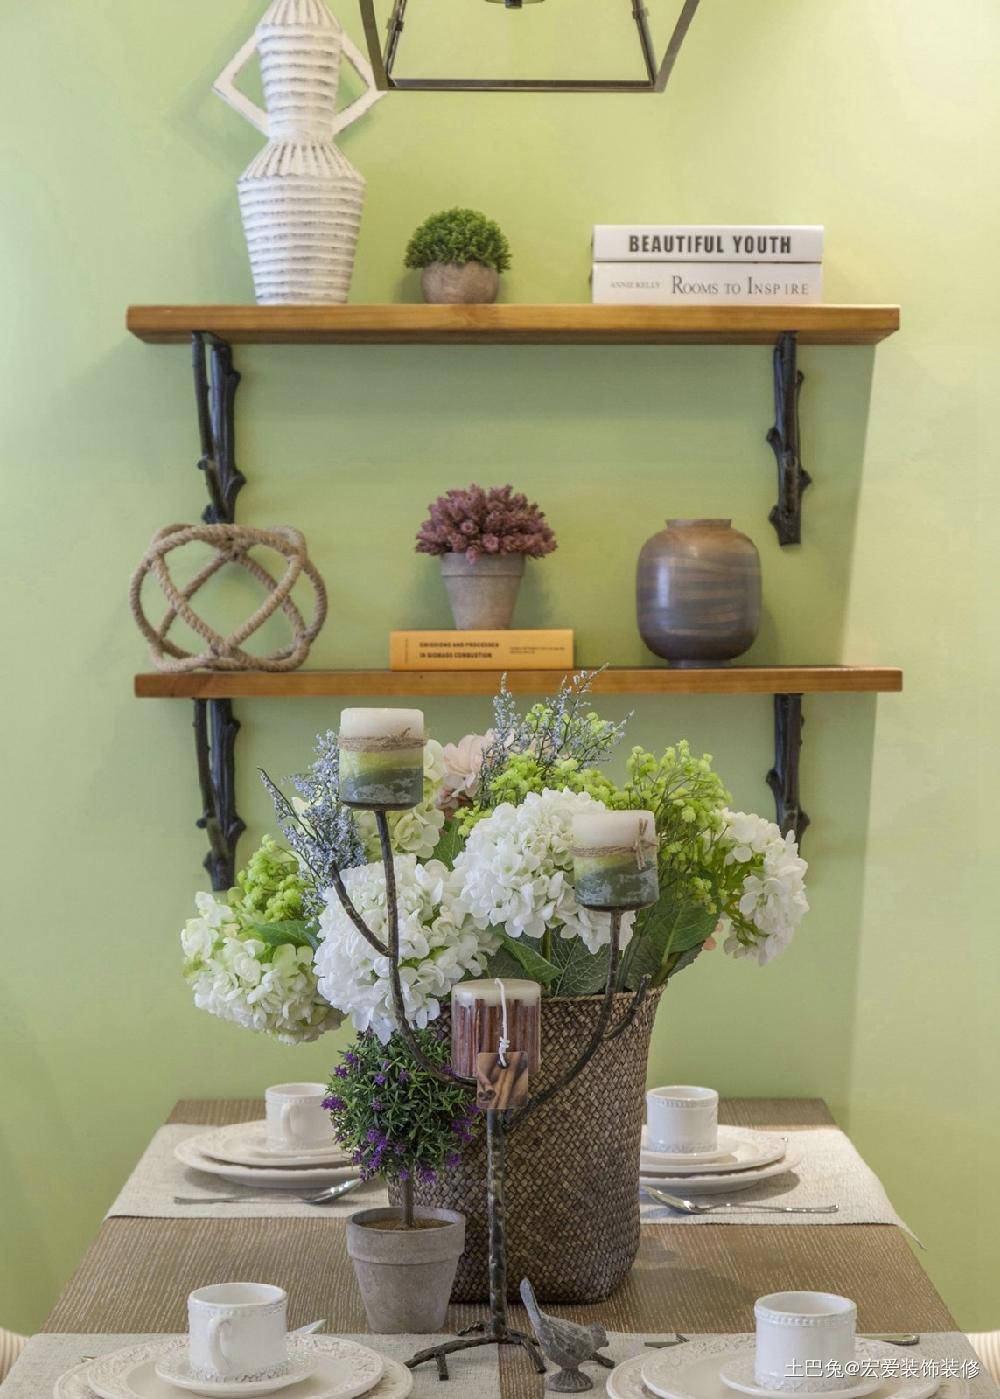 125平方三居田园风格清新自然厨房美式田园餐厅设计图片赏析